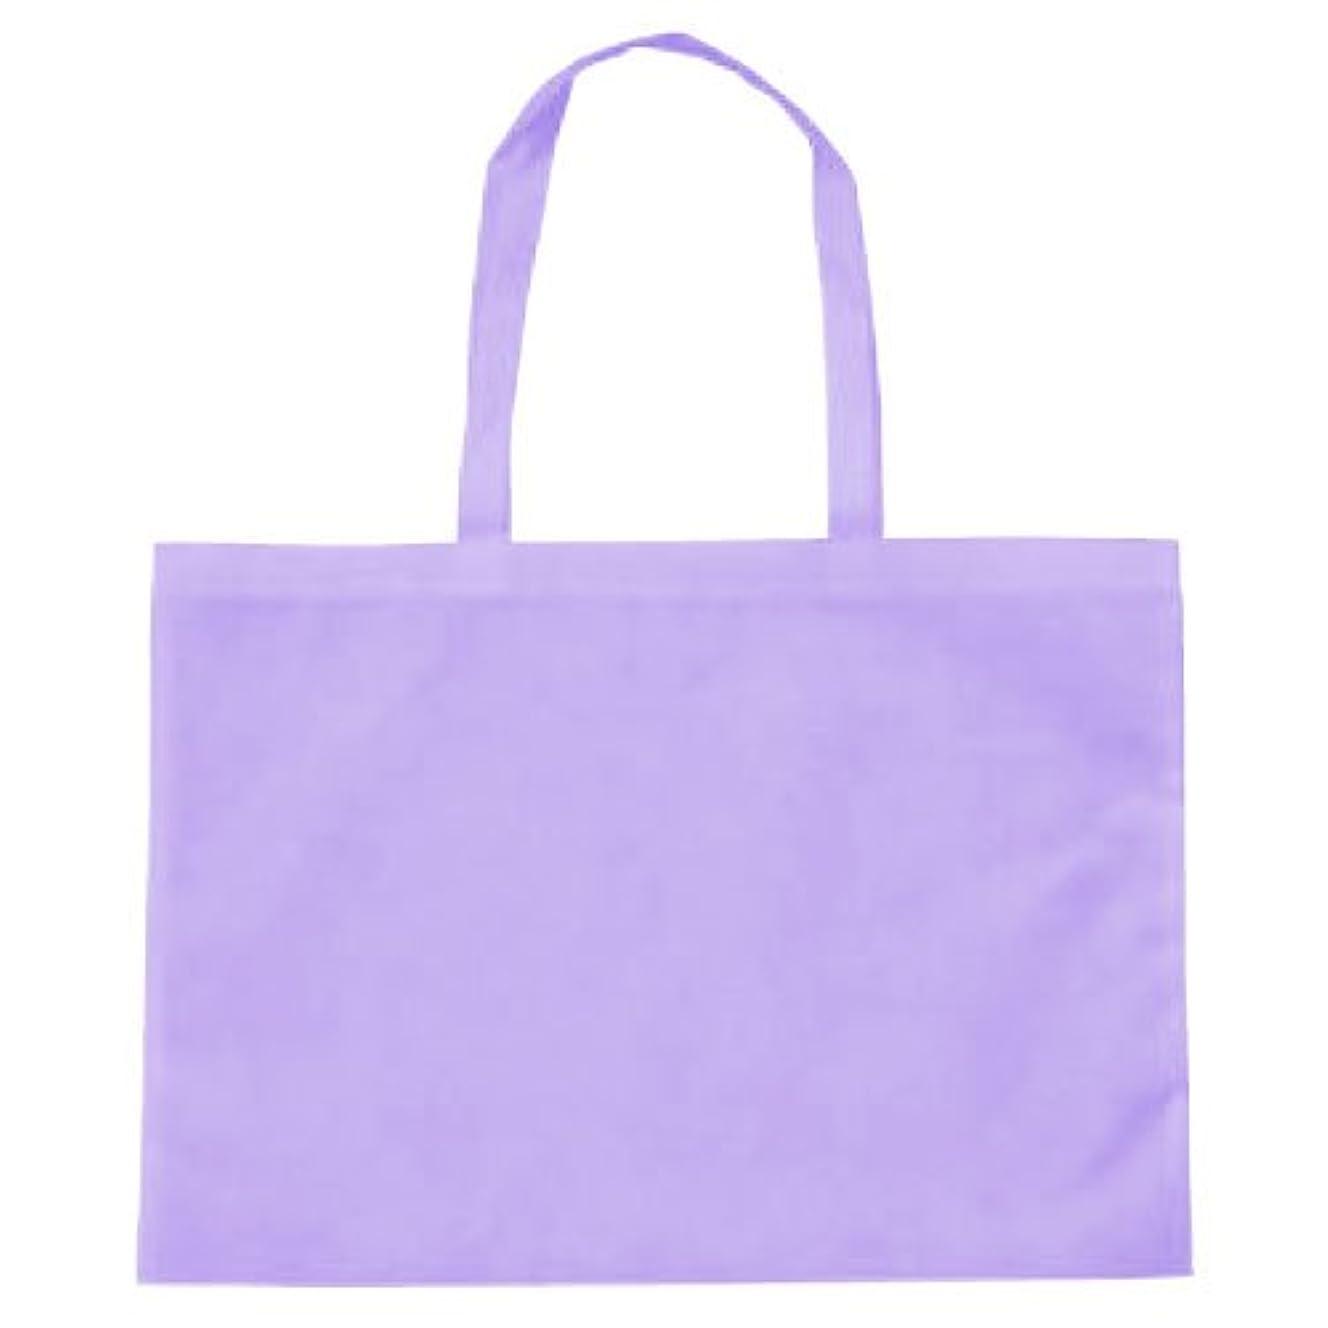 傾向がある特派員ビザ作品収納バッグ大 不織布 薄紫